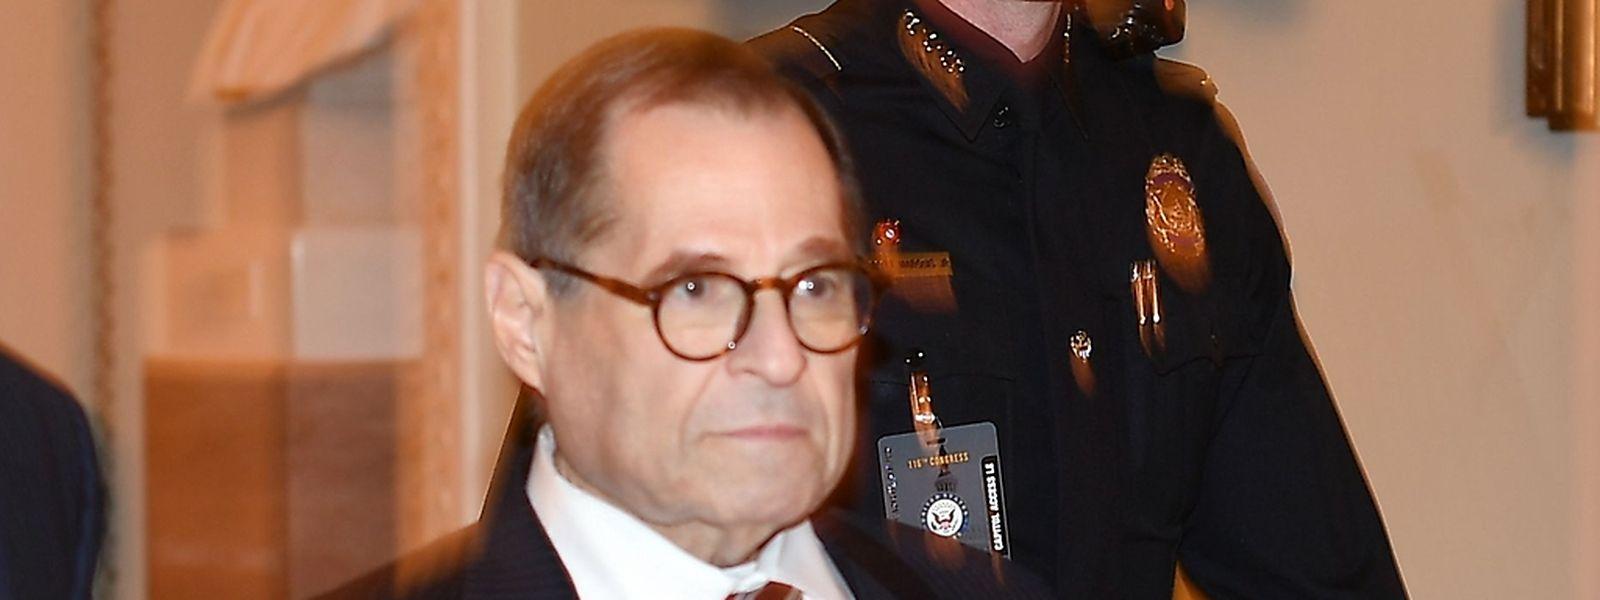 Der republikanische Senator Jerry Nadler argumentiert, dass der Präsident sich strafrechtlich nichts zu schulden habe kommen lassen und deshalb unschuldig sei.